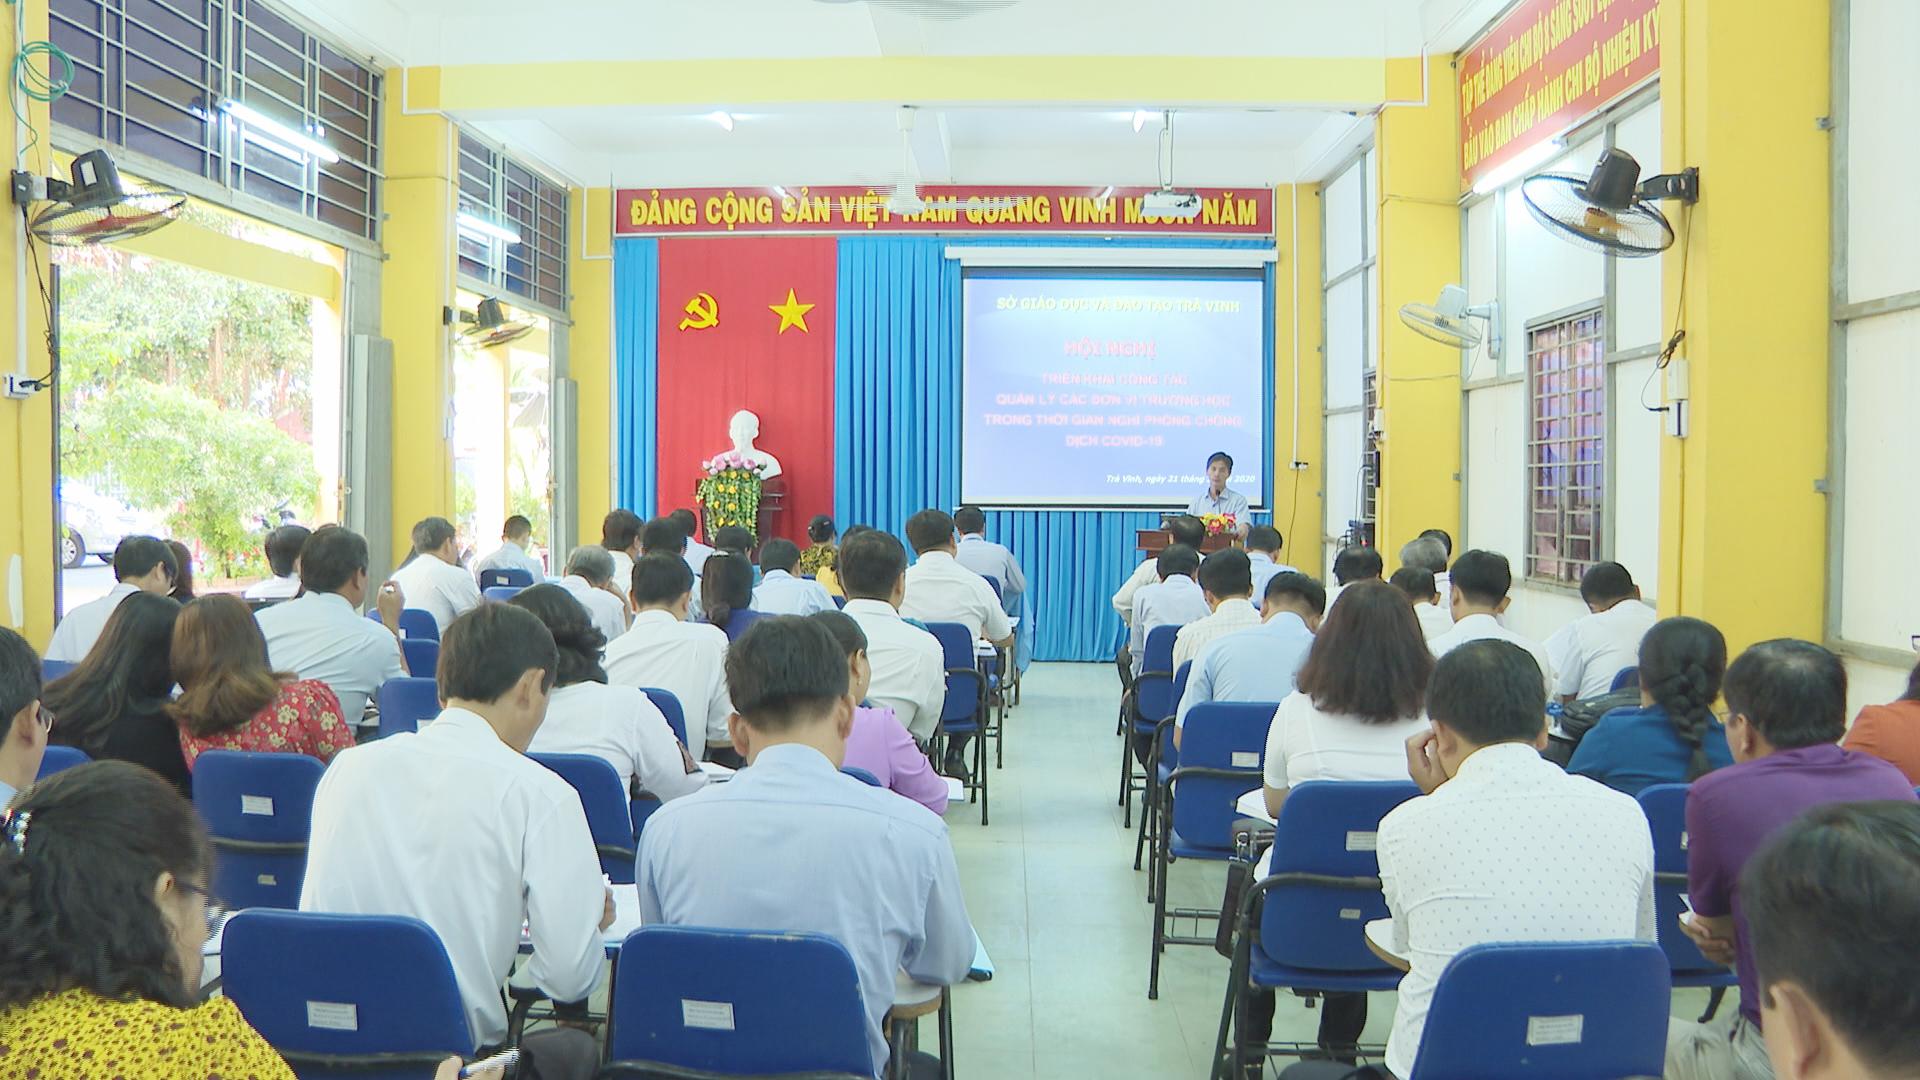 Sở Giáo dục và Đào tạo tỉnh Trà Vinh tổ chức Hội nghị triển khai công tác quản lý trường học trong thời gian nghỉ phòng chống dịch Covid – 19